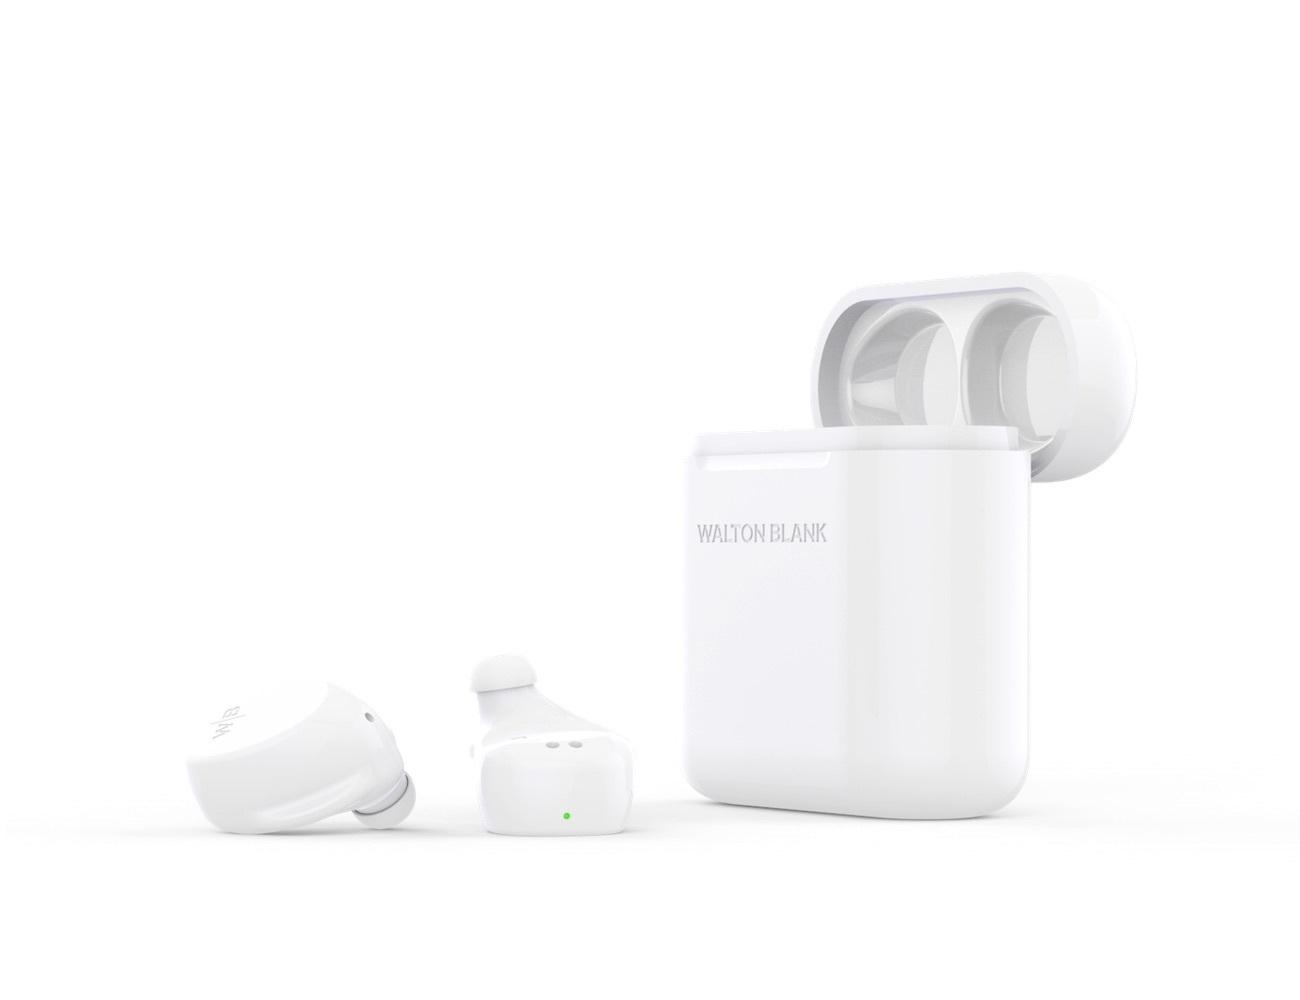 waterprood wireless earbuds 04